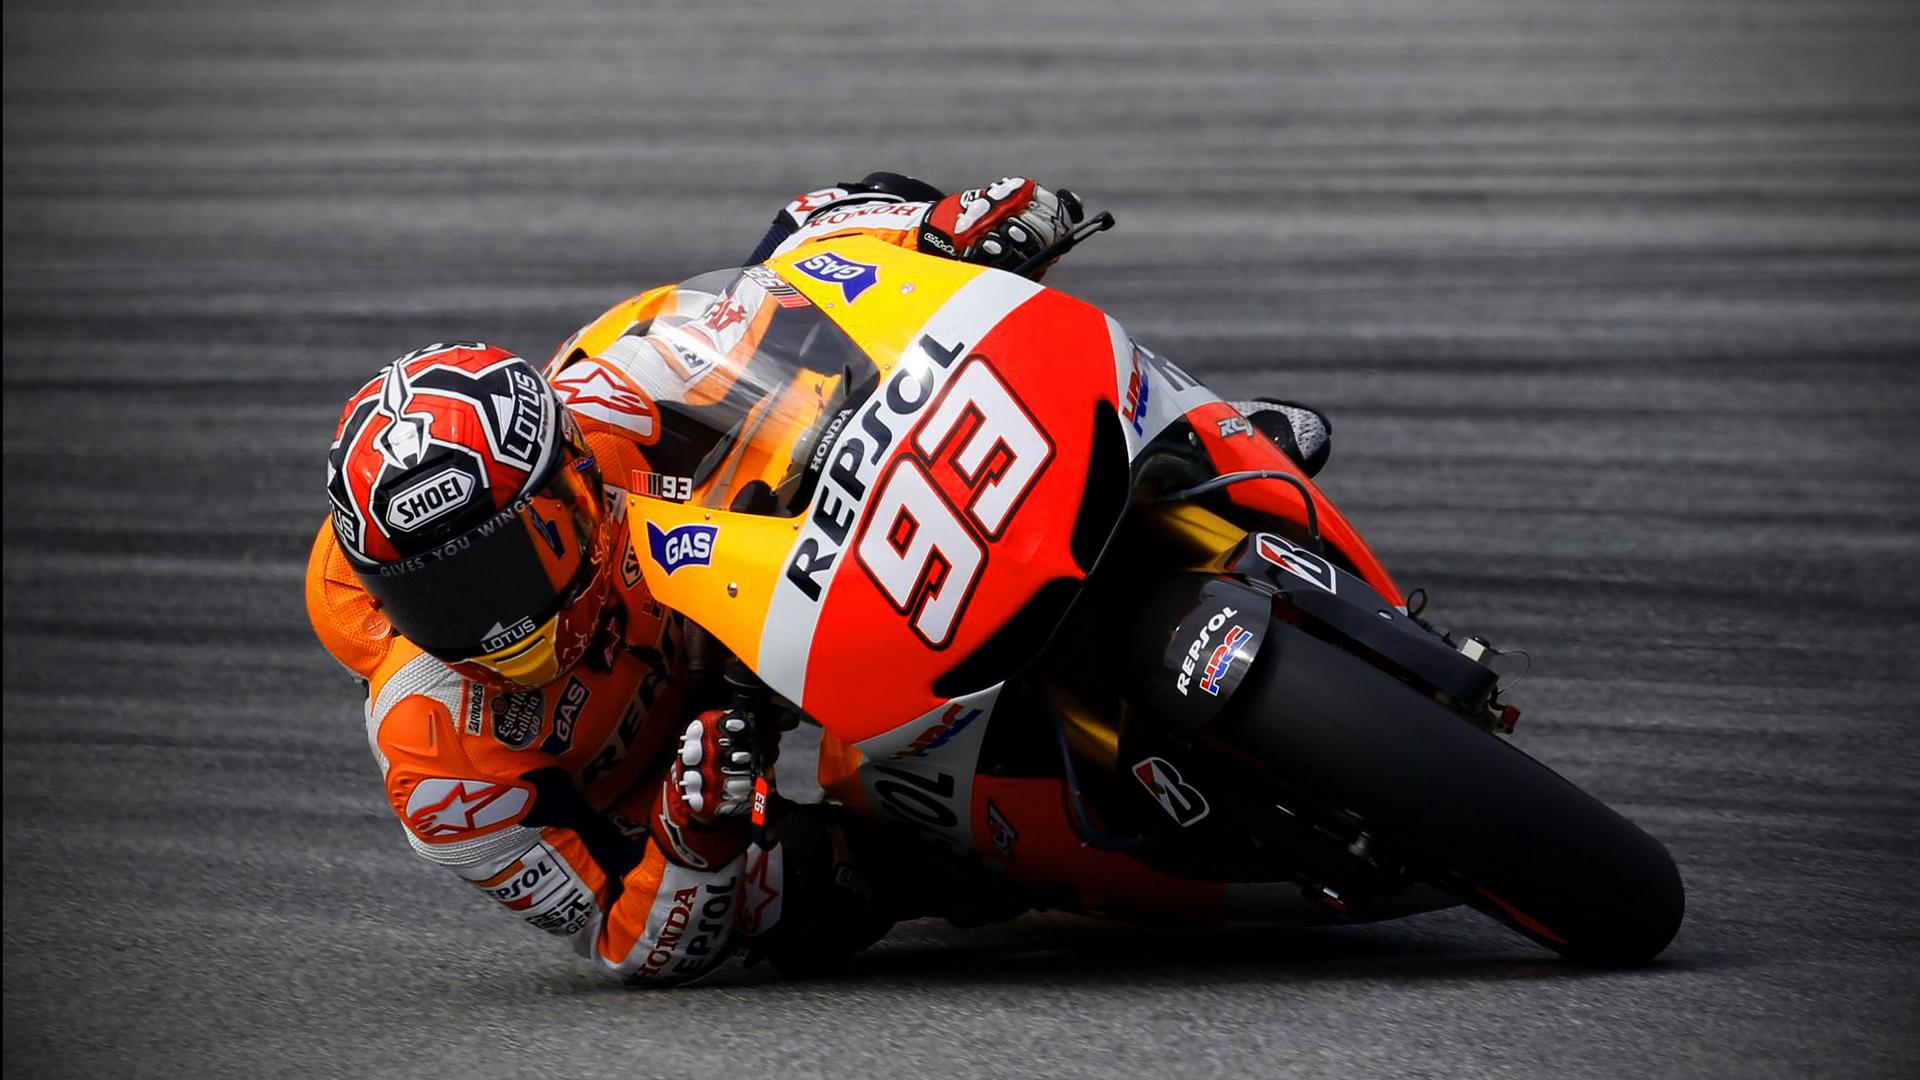 Marc Marquez Moto Gp Wallpaper HD 3919 Wallpaper WallpaperLepi 1920x1080